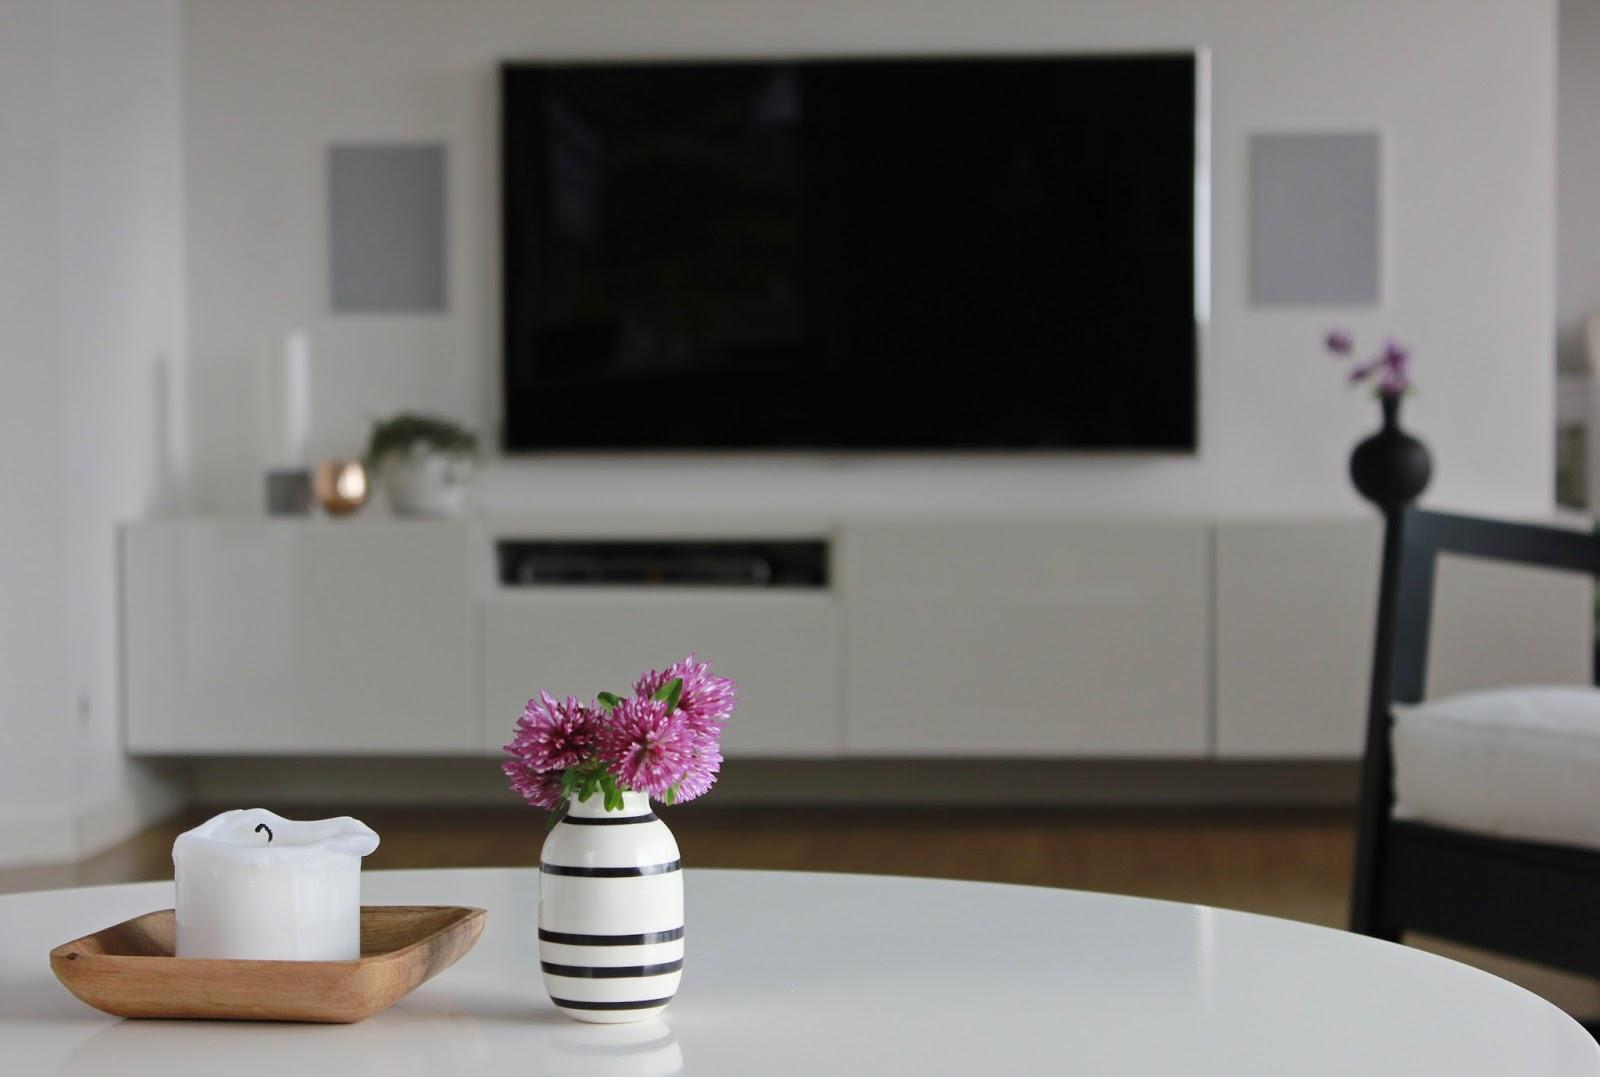 og henge tv og tv benken opp p? veggen til og med vindushyllen ...